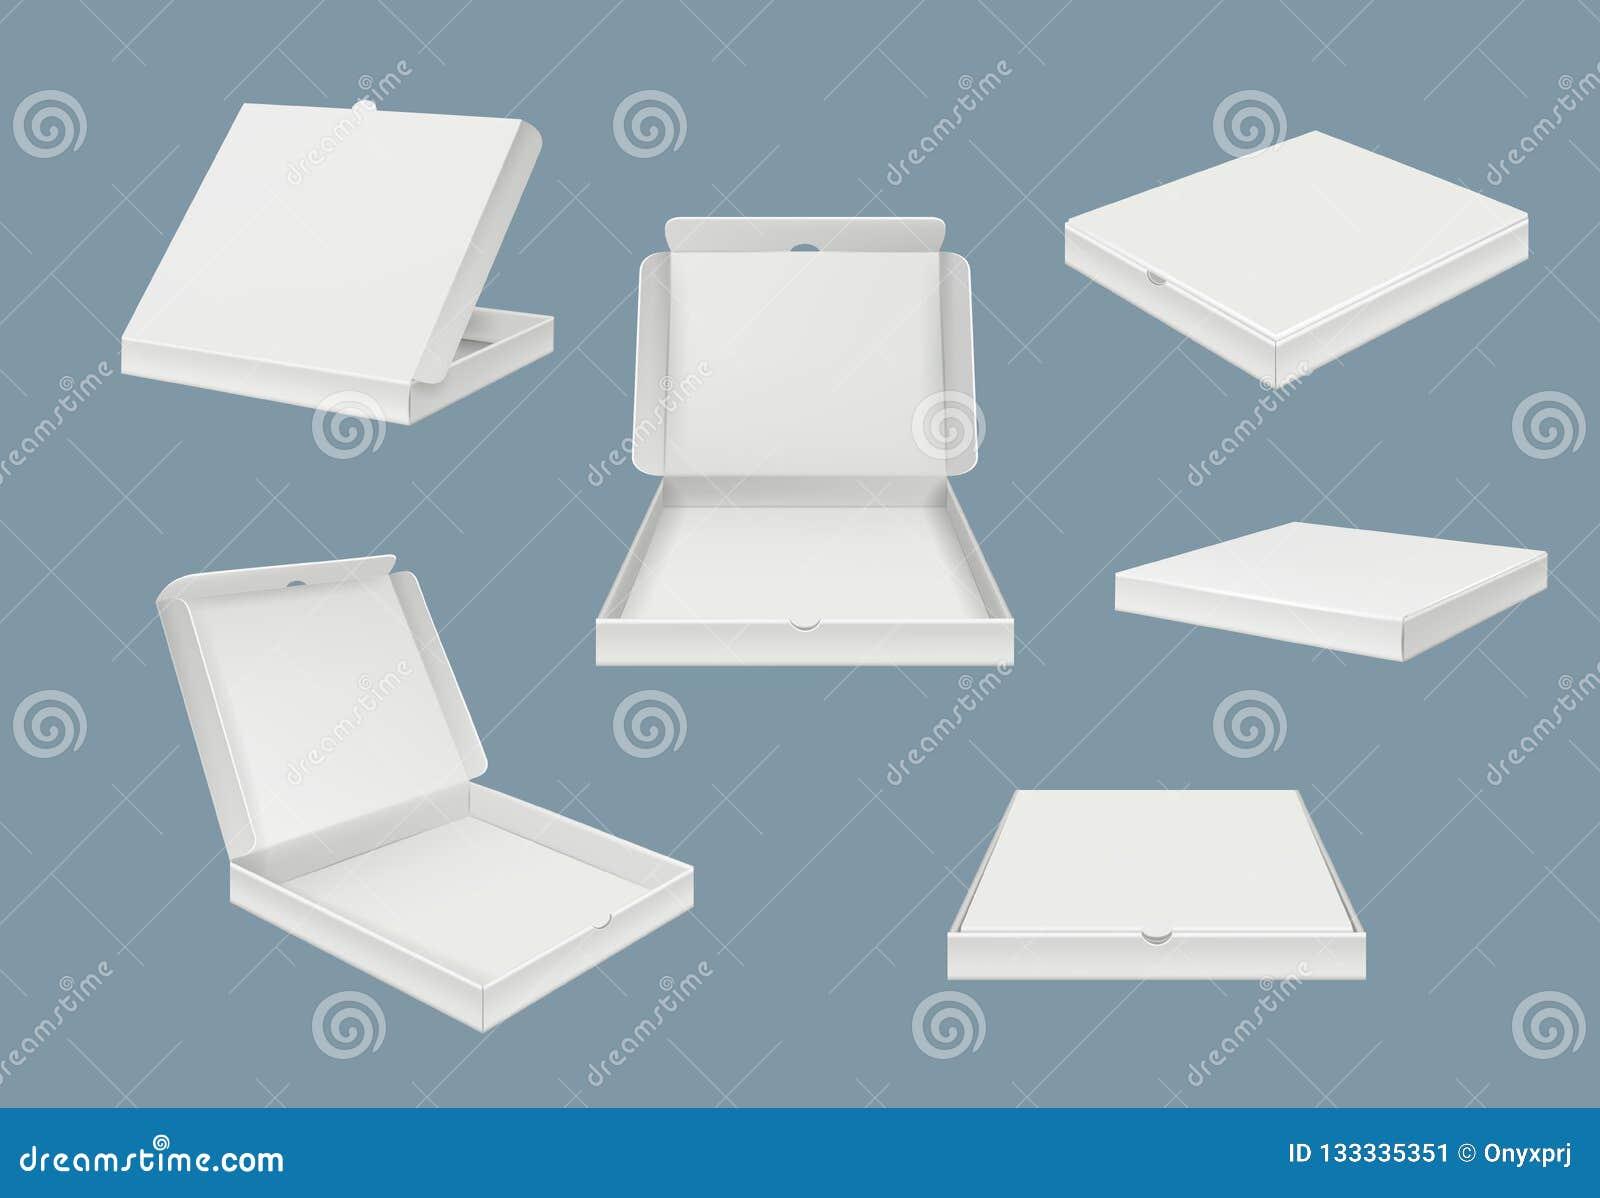 Модель-макет пакета пиццы Картон доставки фаст-фуда открытый и закрытая коробка шаблона различного вектора взглядов реалистическо